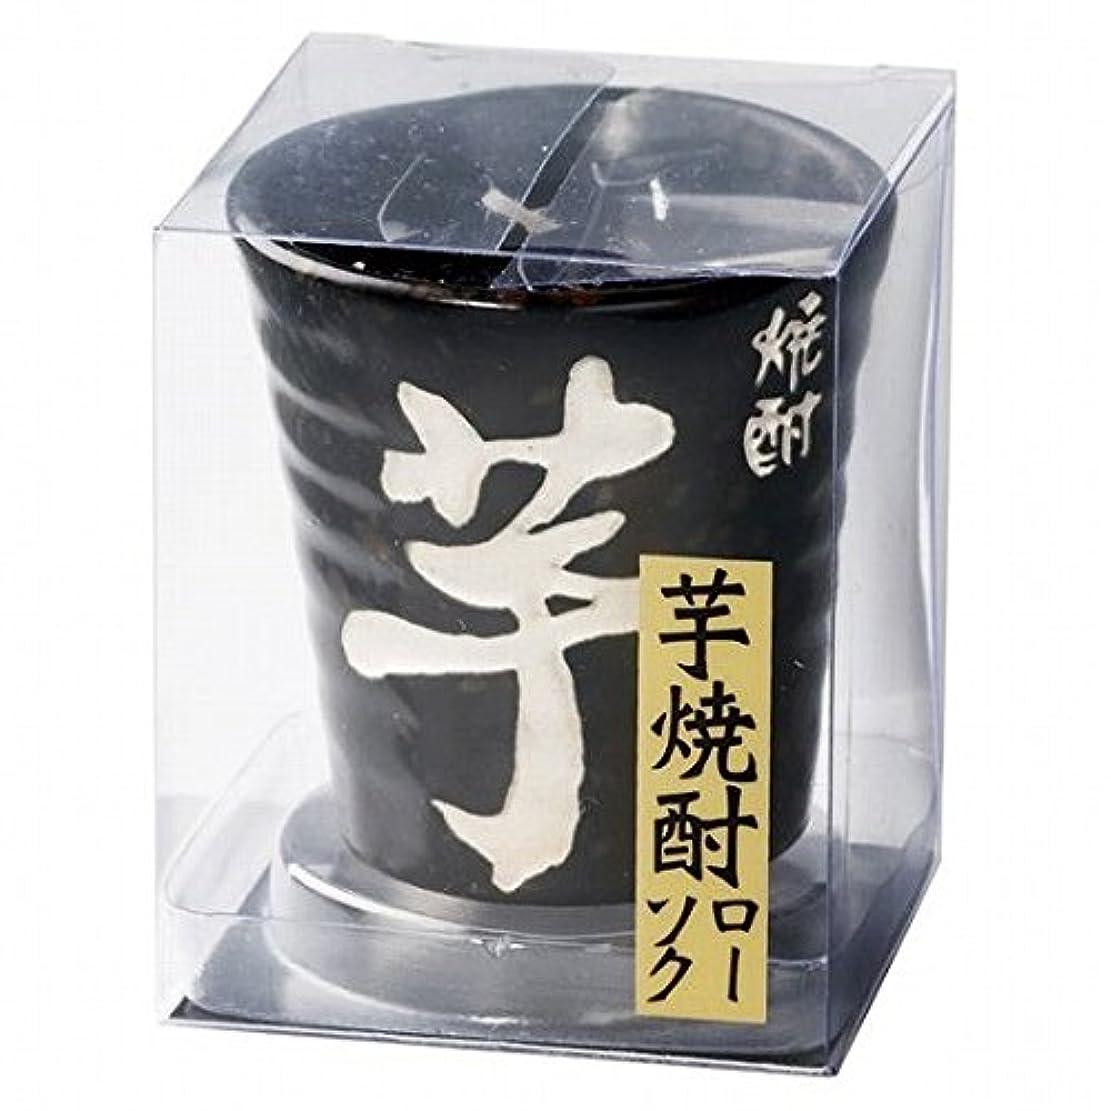 打ち上げるダルセットパンチkameyama candle(カメヤマキャンドル) 芋焼酎ローソク キャンドル(86500000)